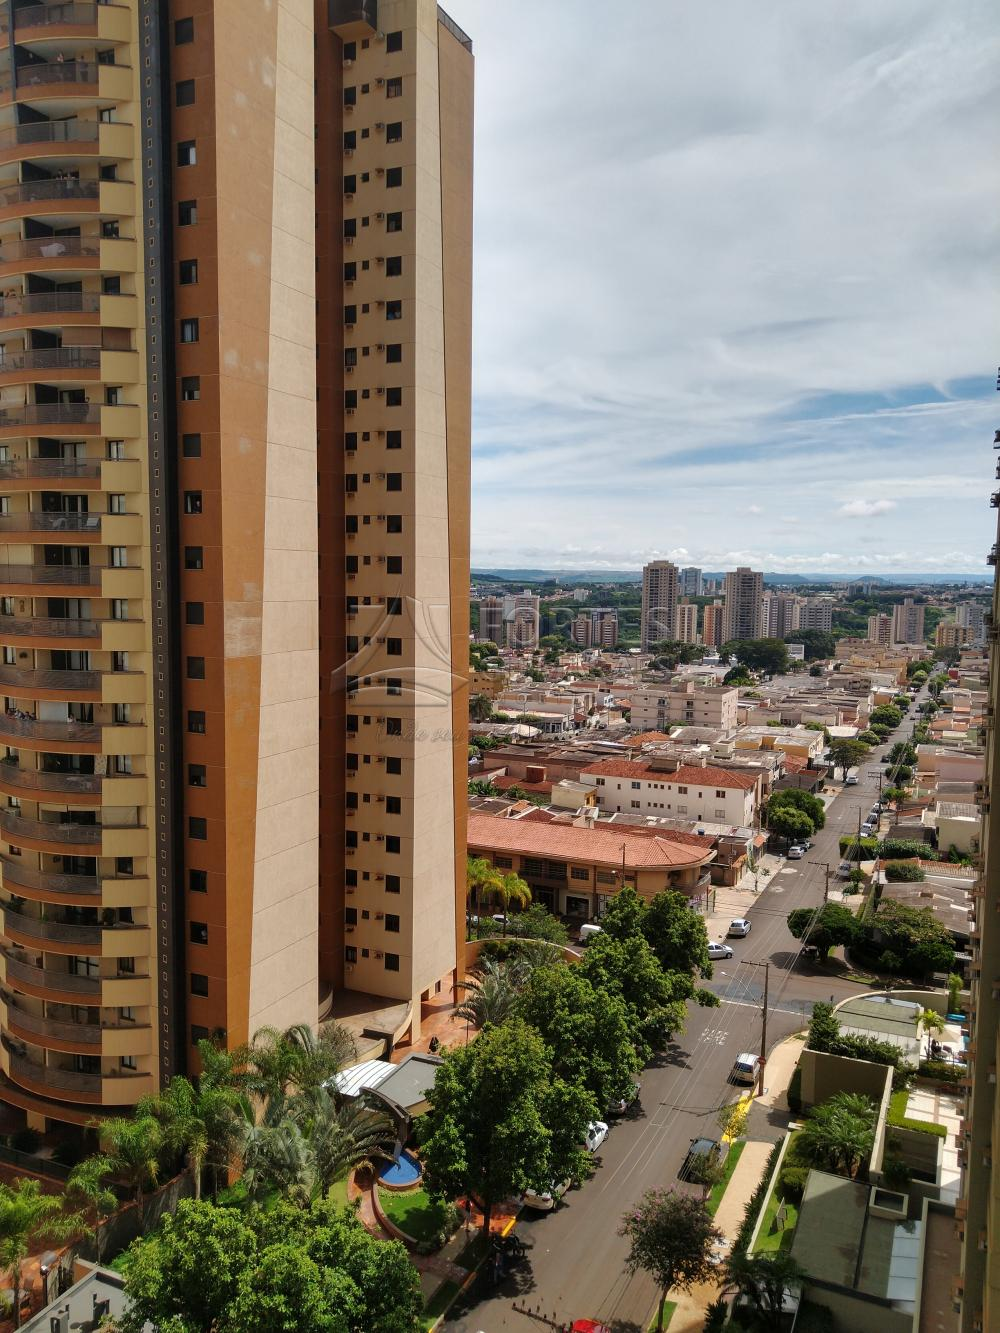 Alugar Apartamentos / Padrão em Ribeirão Preto apenas R$ 3.000,00 - Foto 14